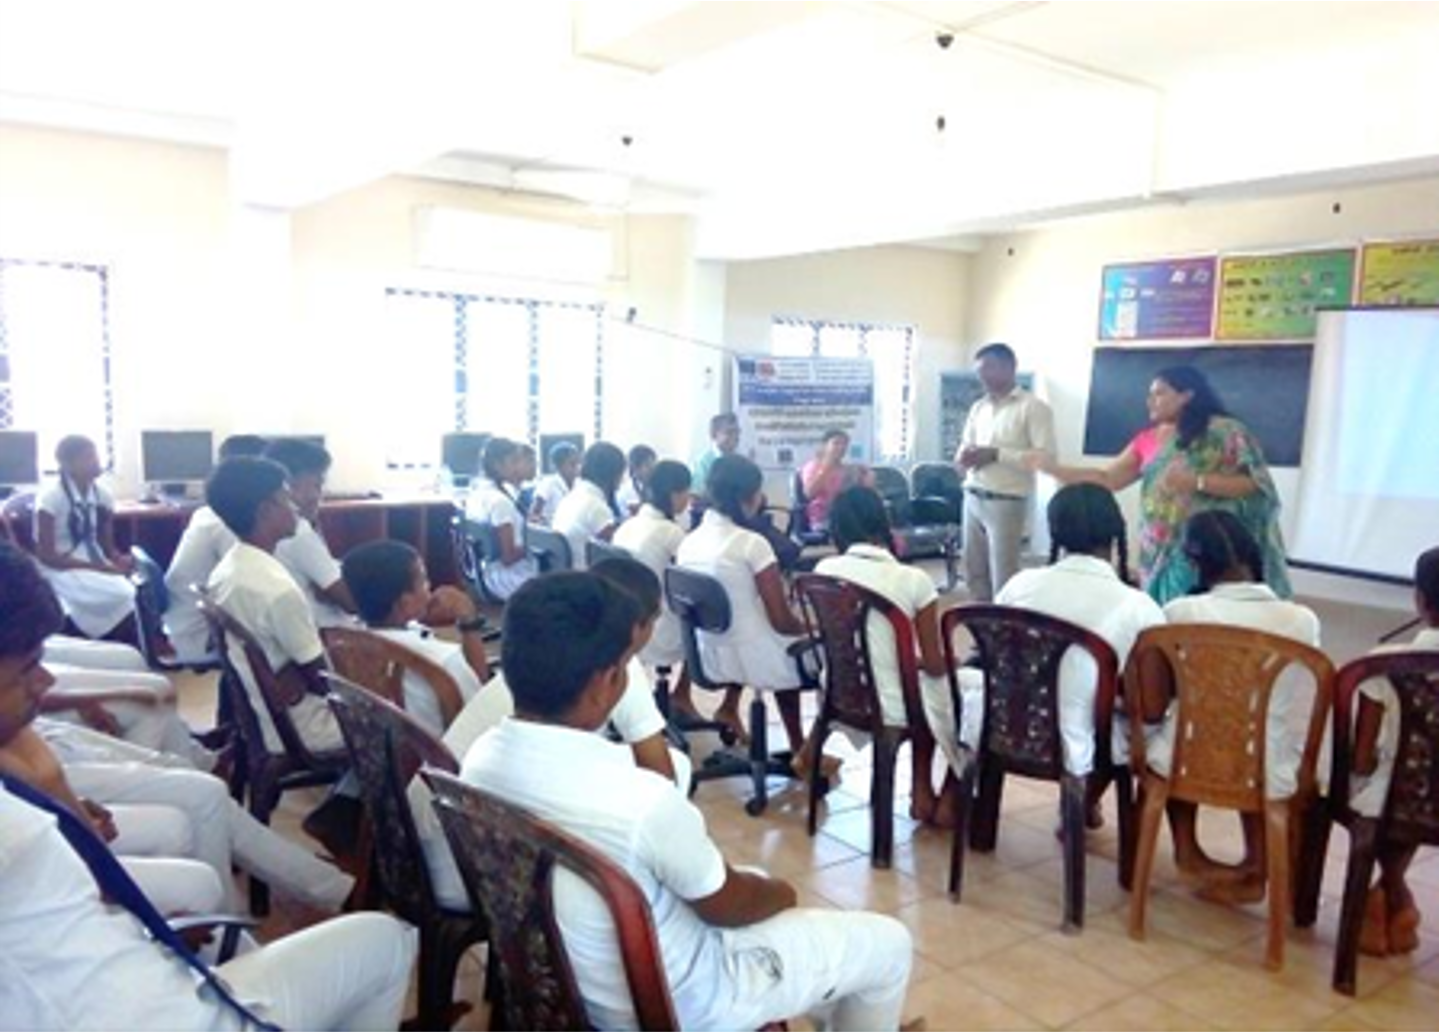 Health Club Formation in School